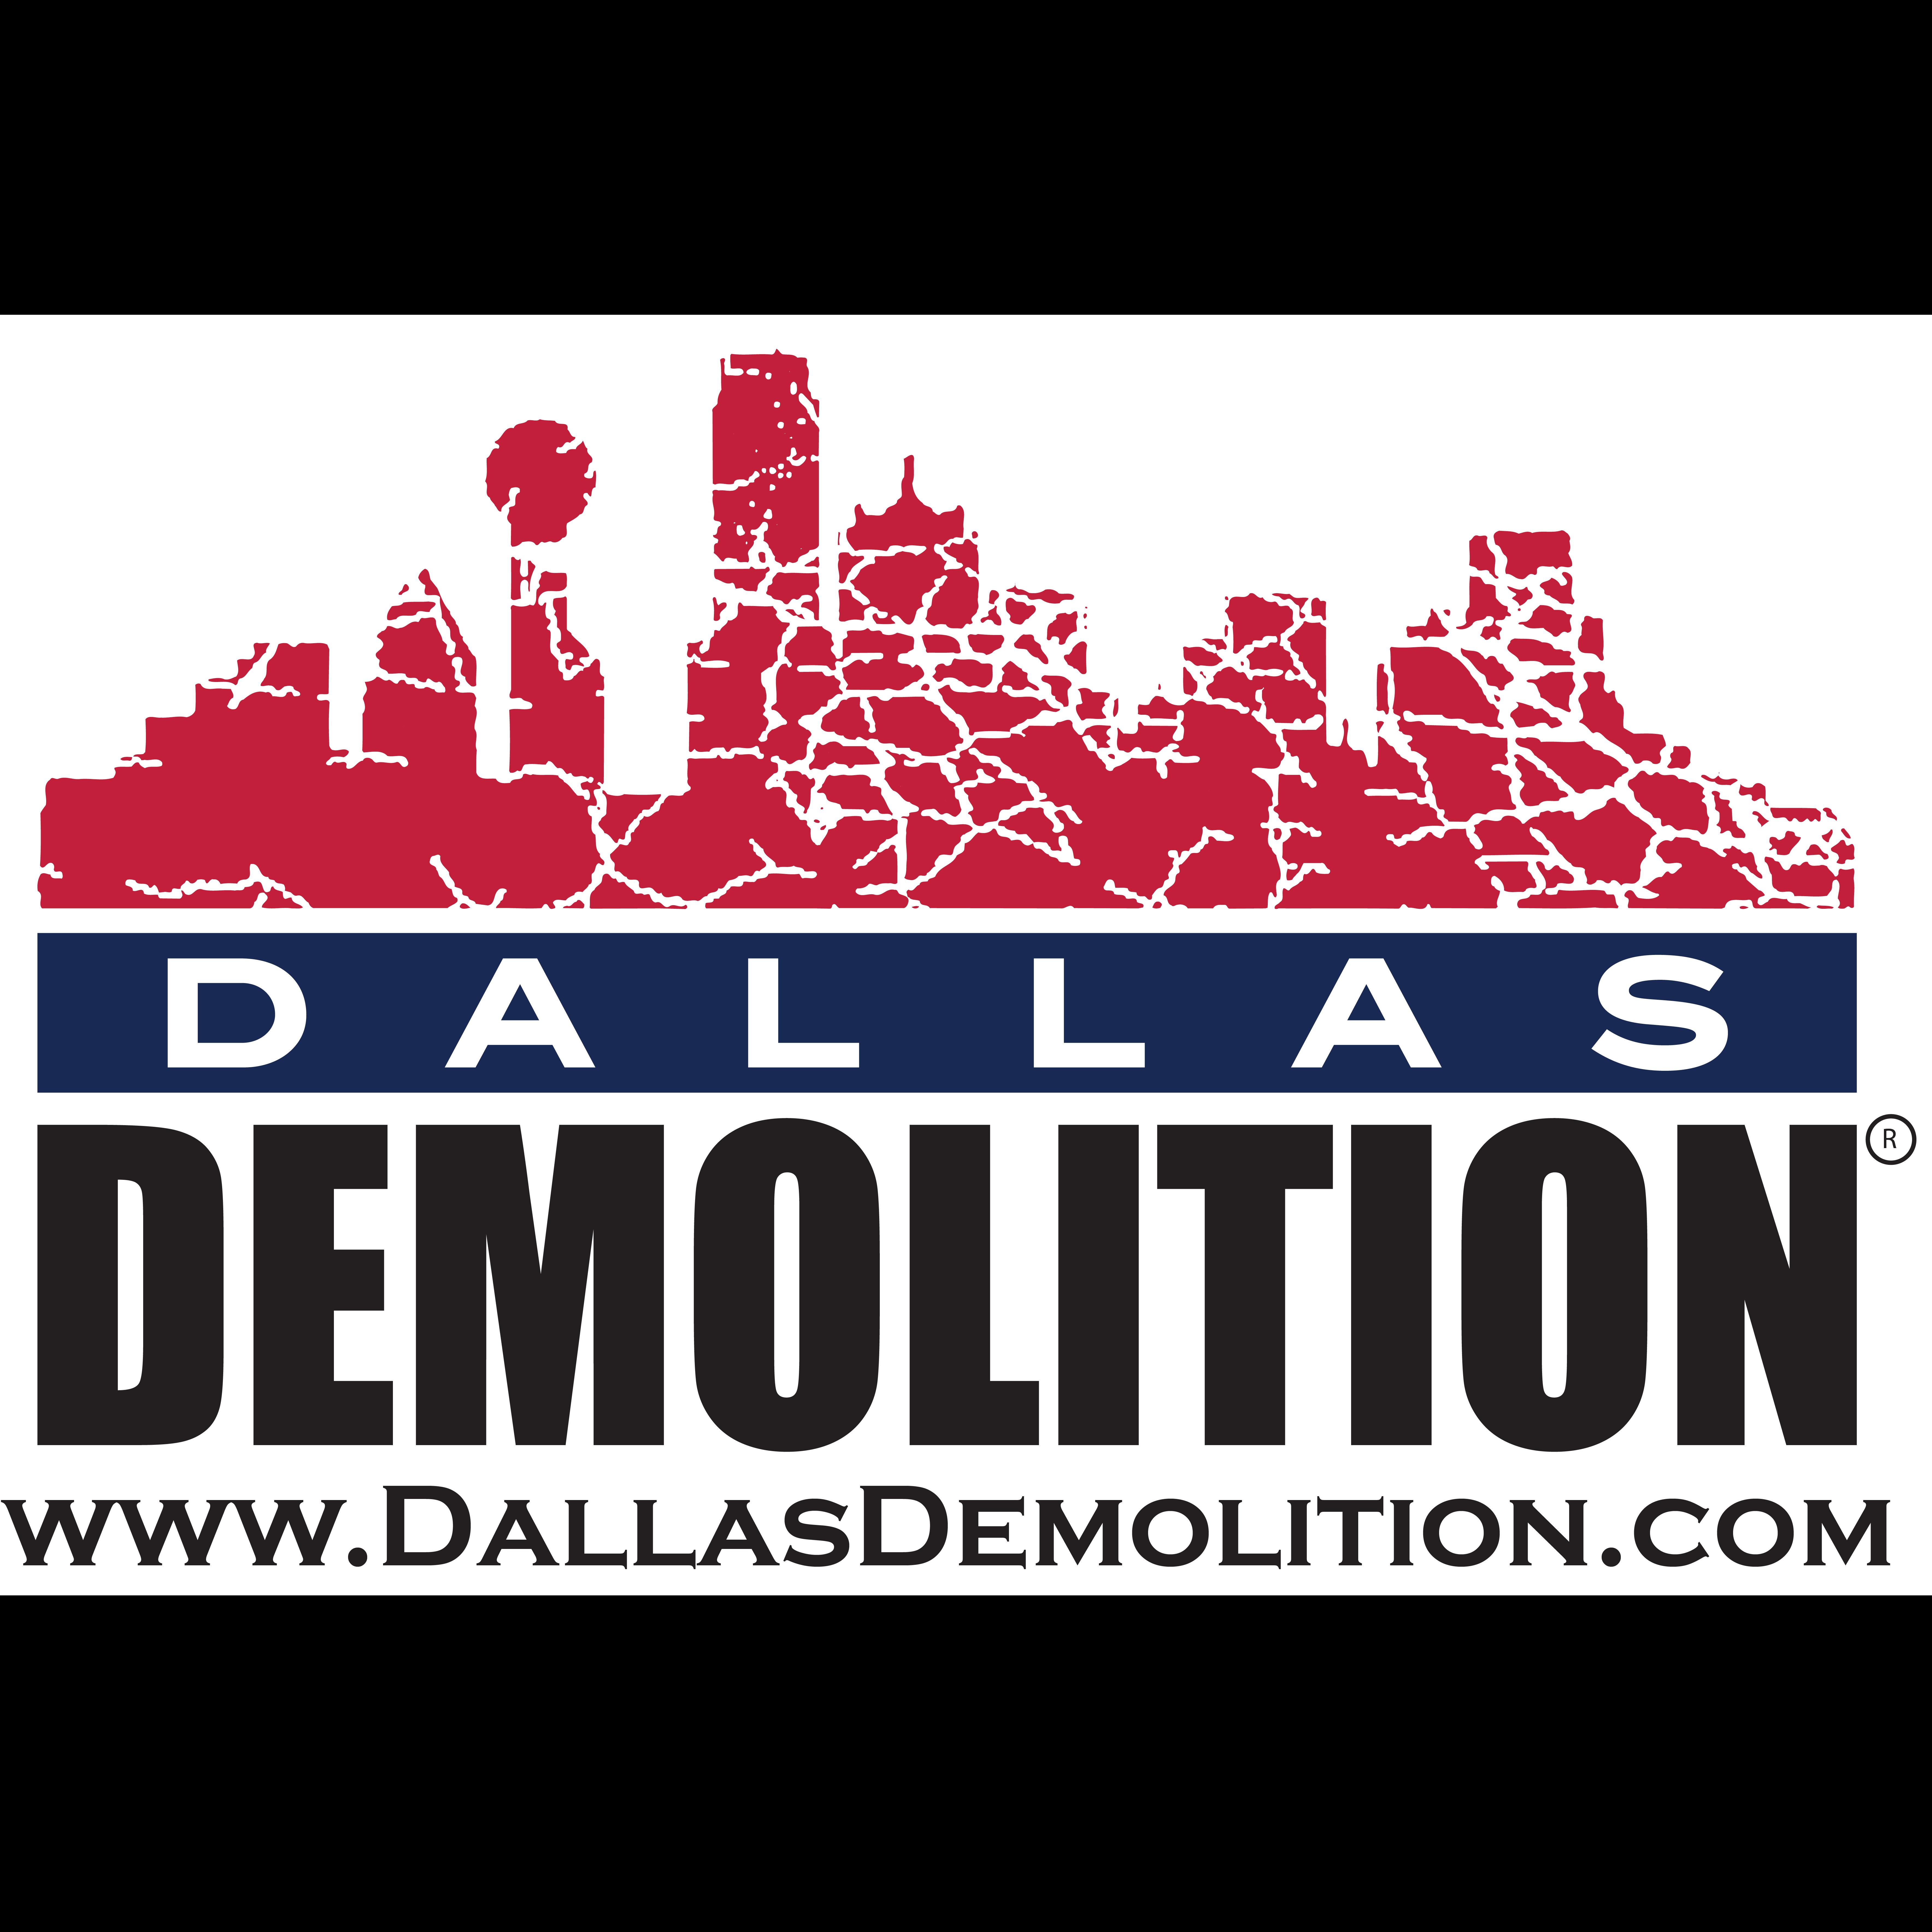 Dallas Demolition®